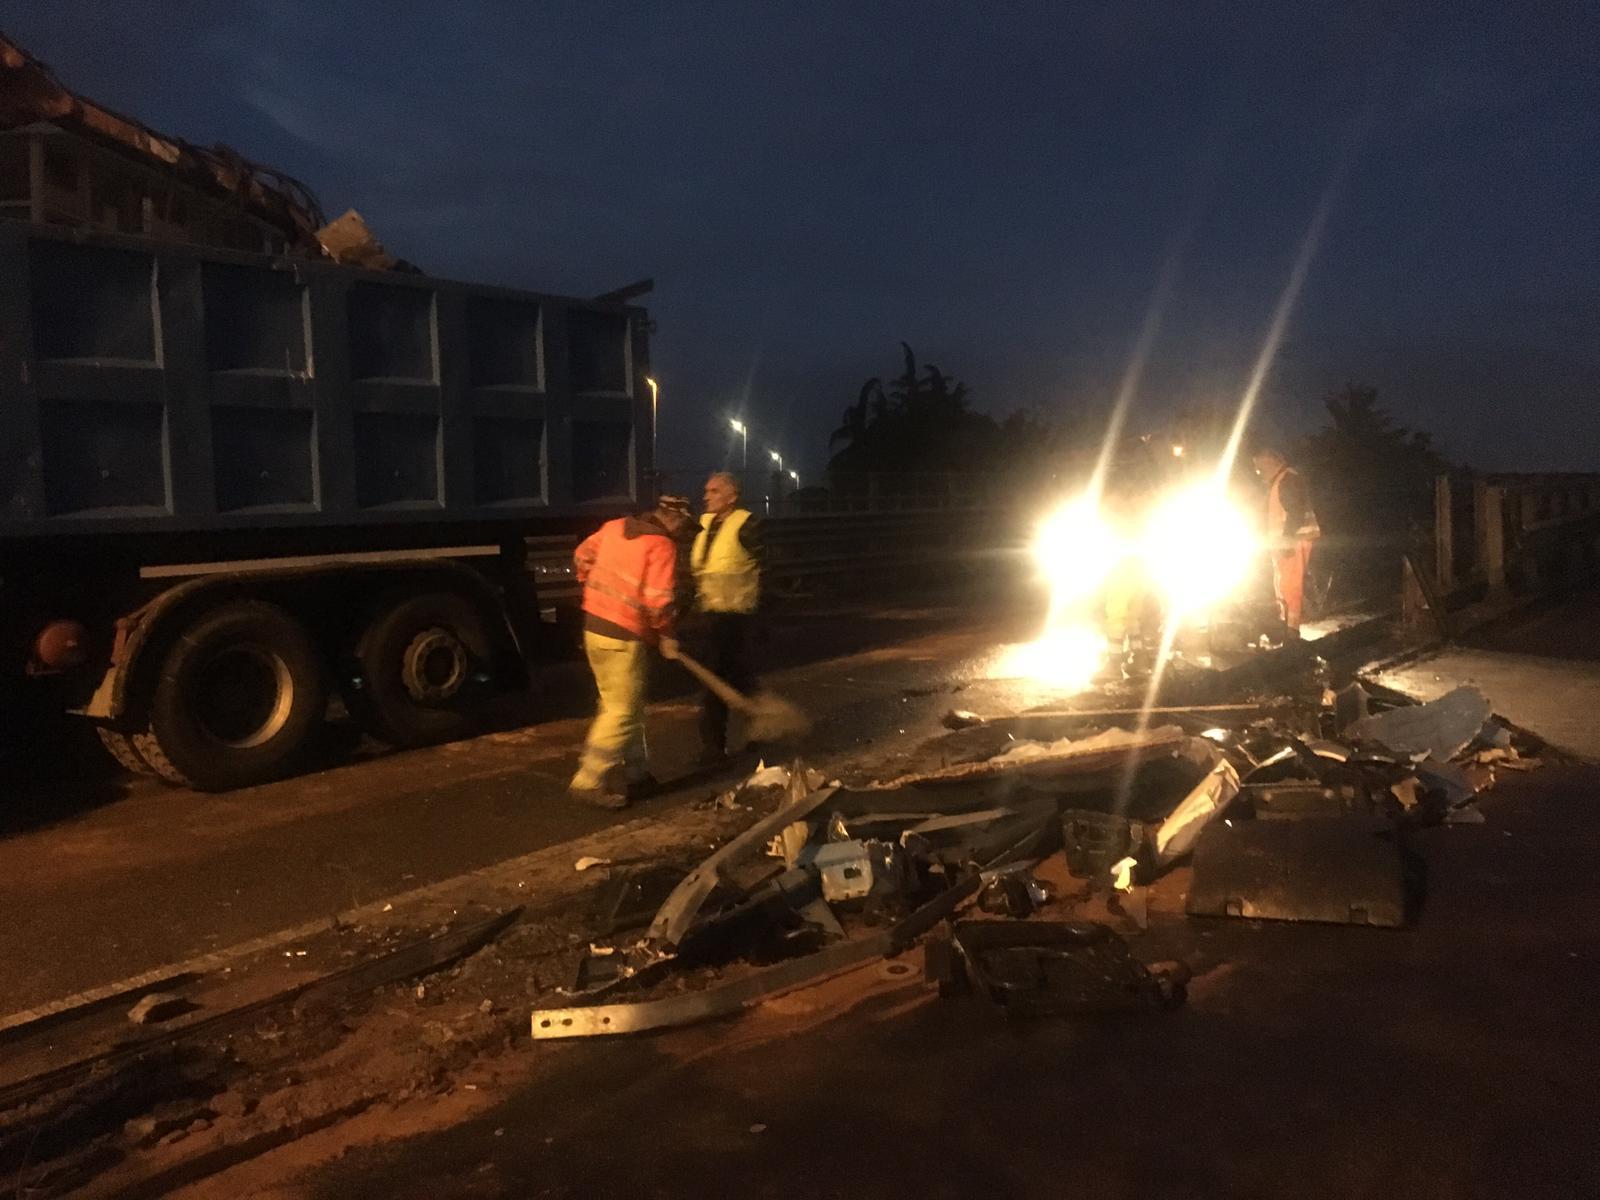 Incidente mortale a Monza | Strada chiusa per altre tre ore